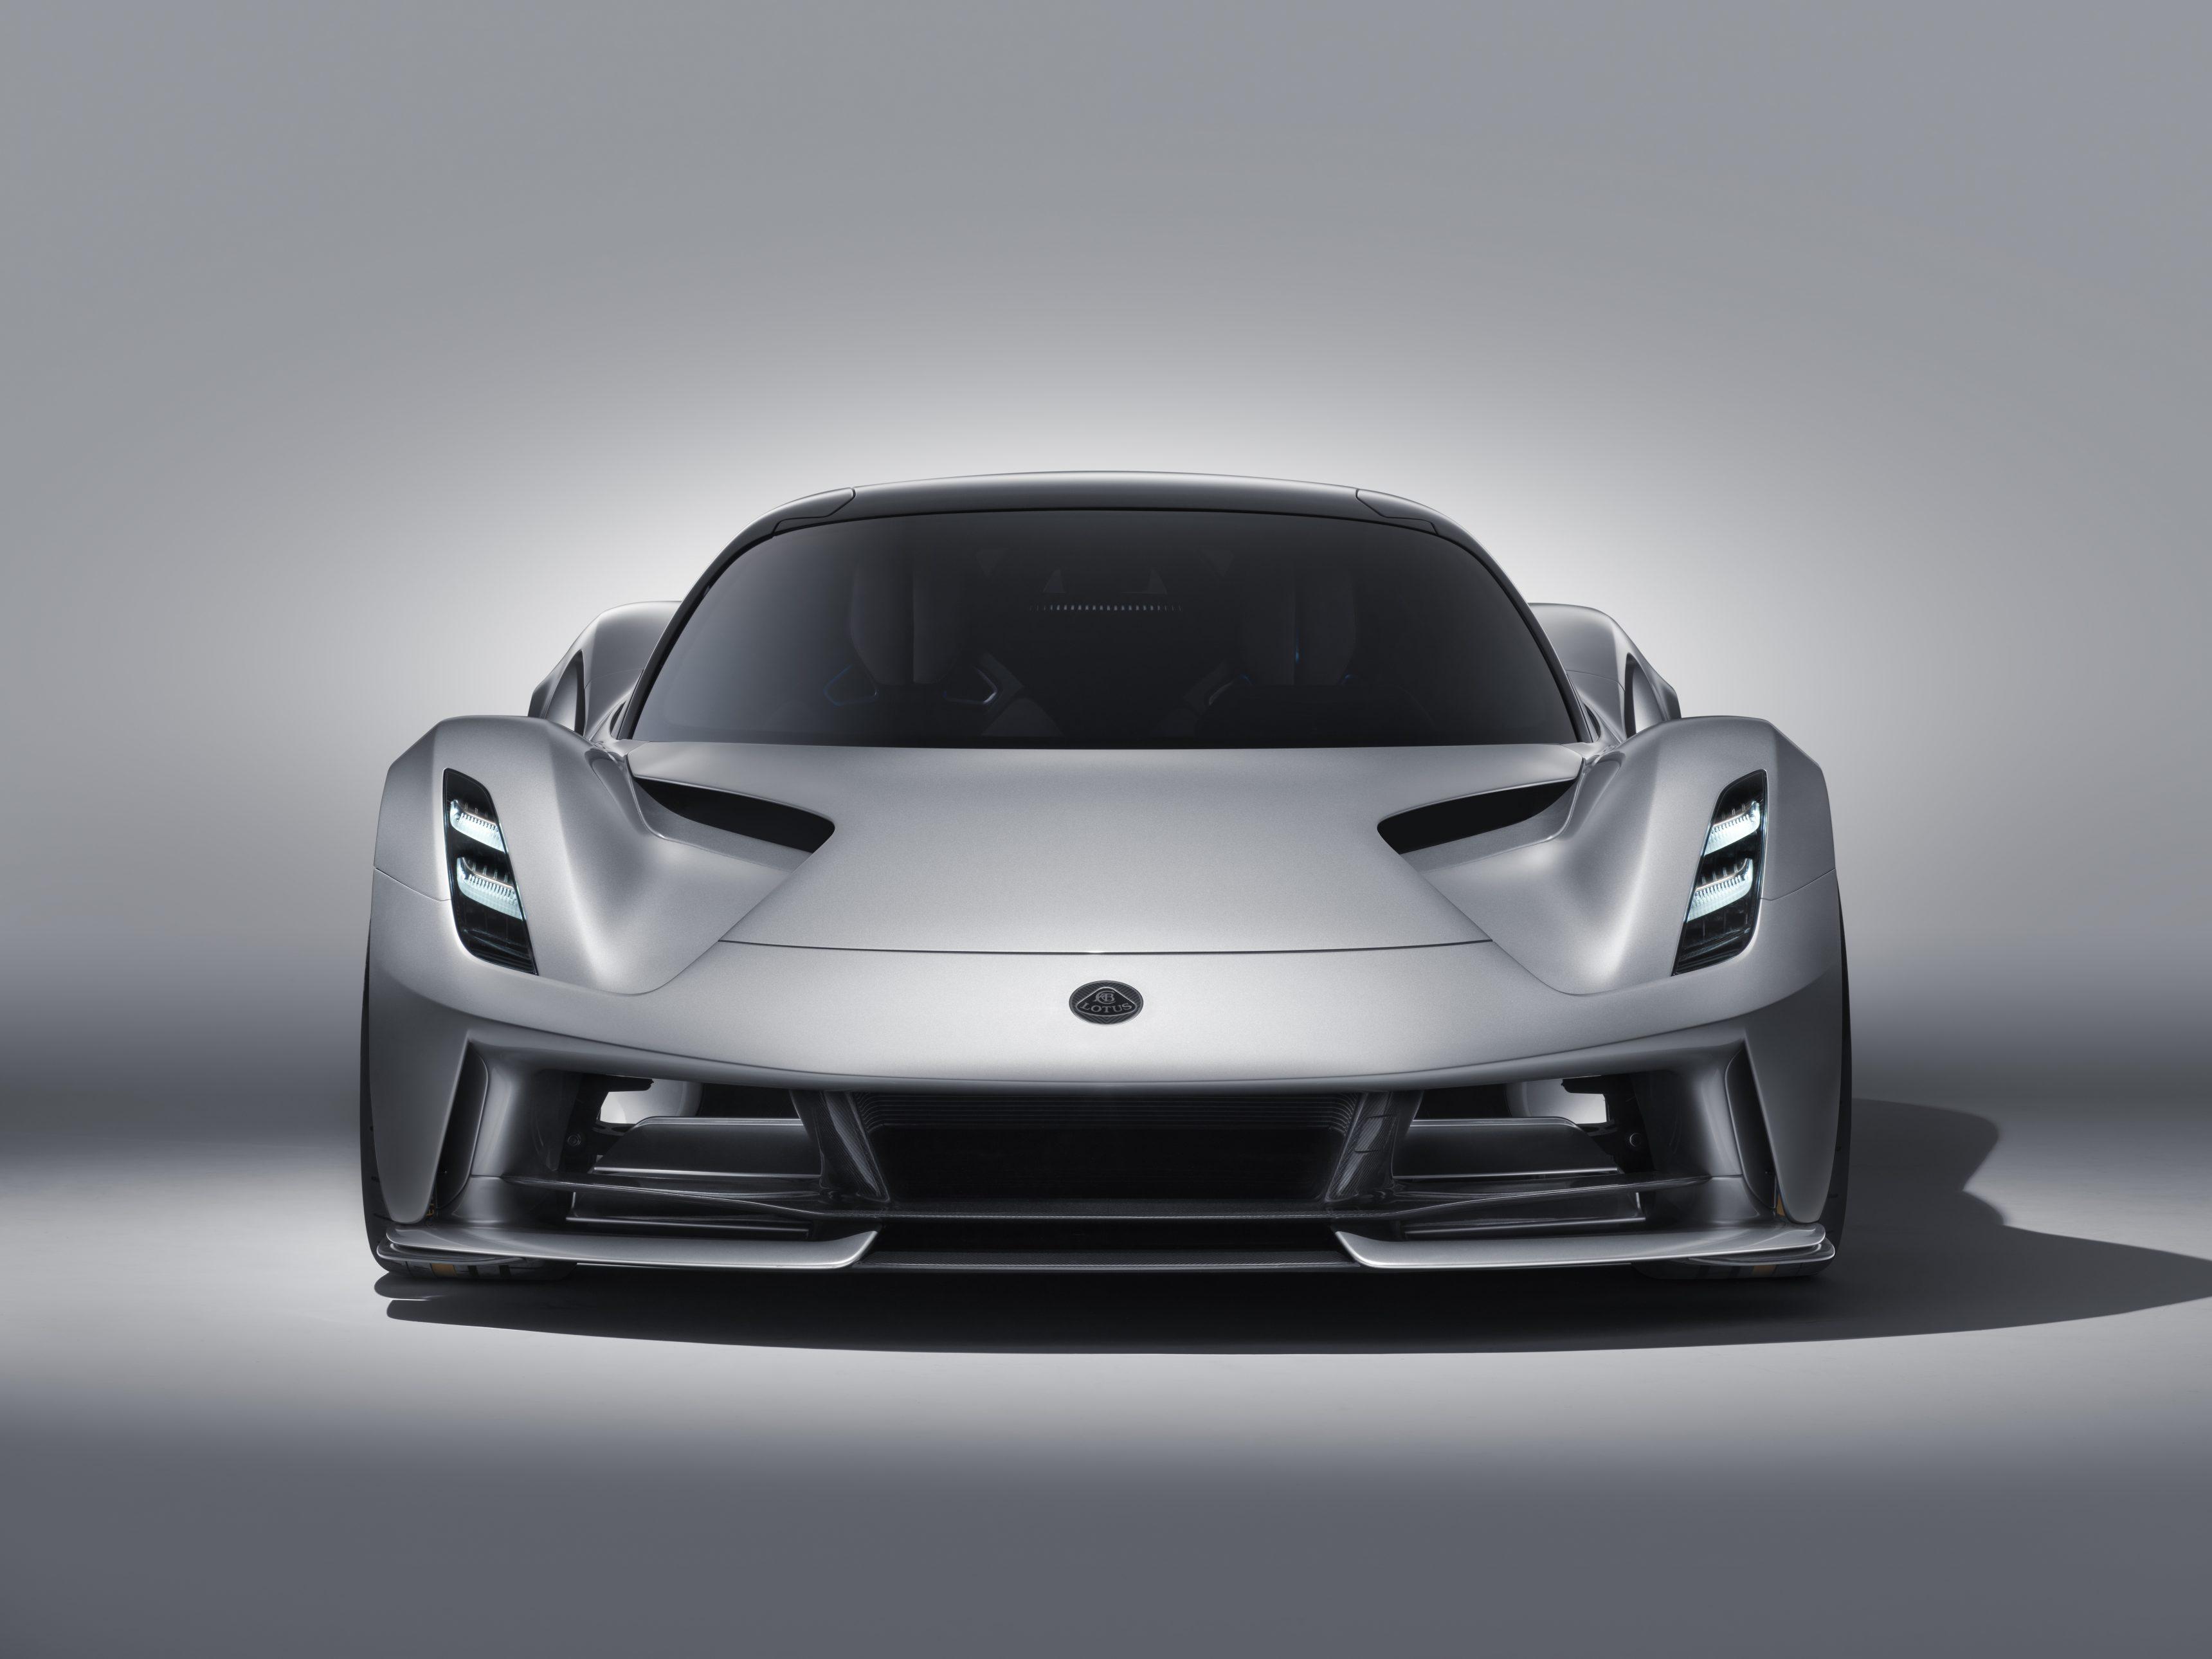 Британская компания Lotus наконец вернулась к активной деятельности: в Лондоне представлен гиперкар по имени Evija. Это первый новый «Лотус» с 2008 года!